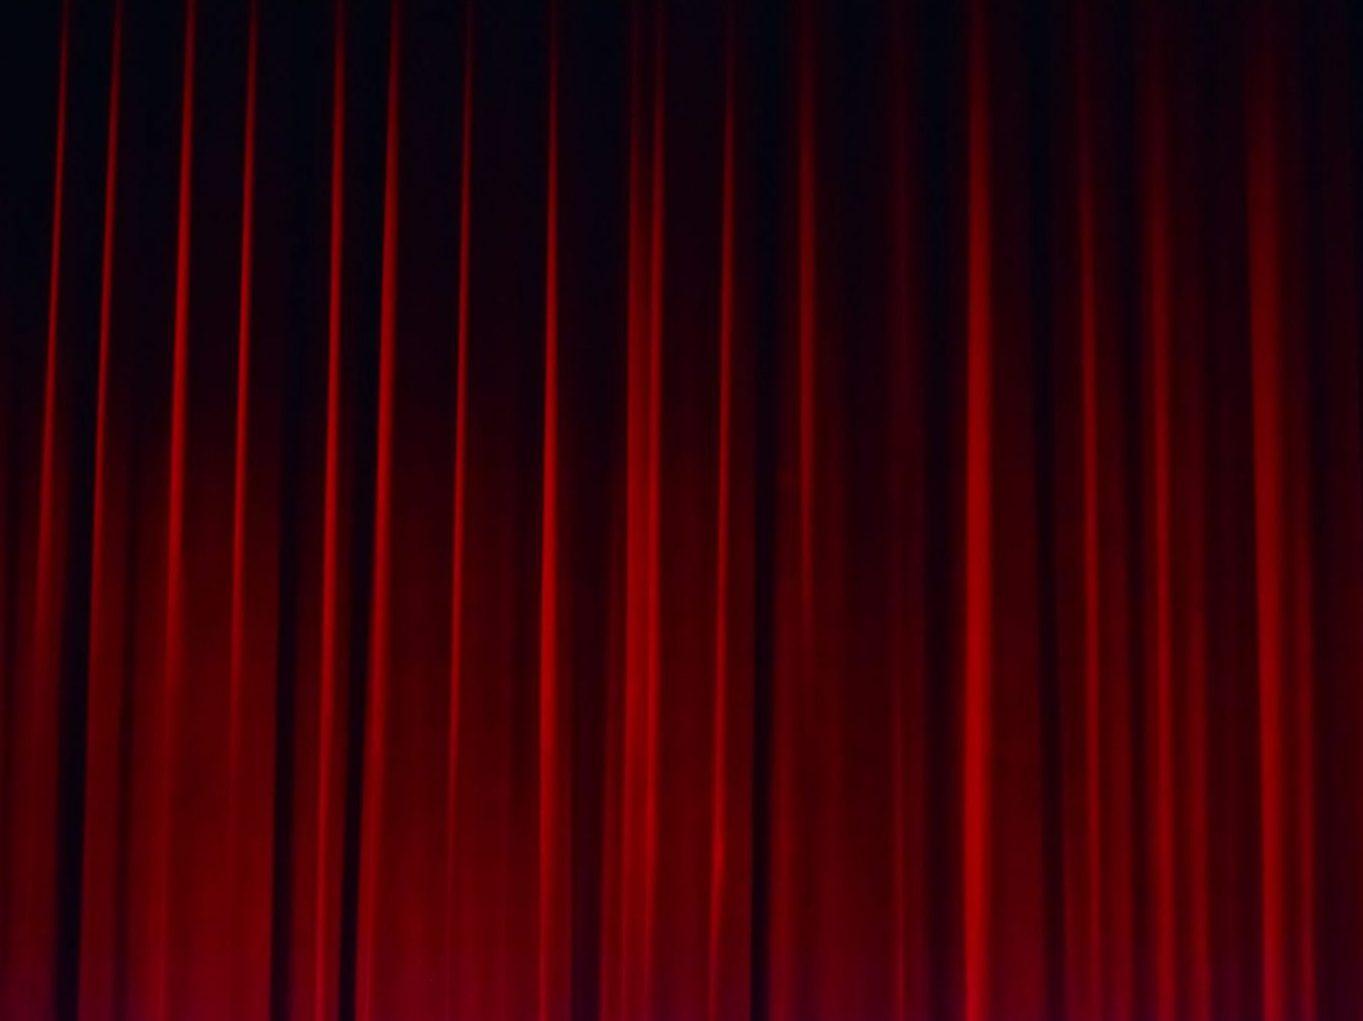 teatro-noroeste-gerador